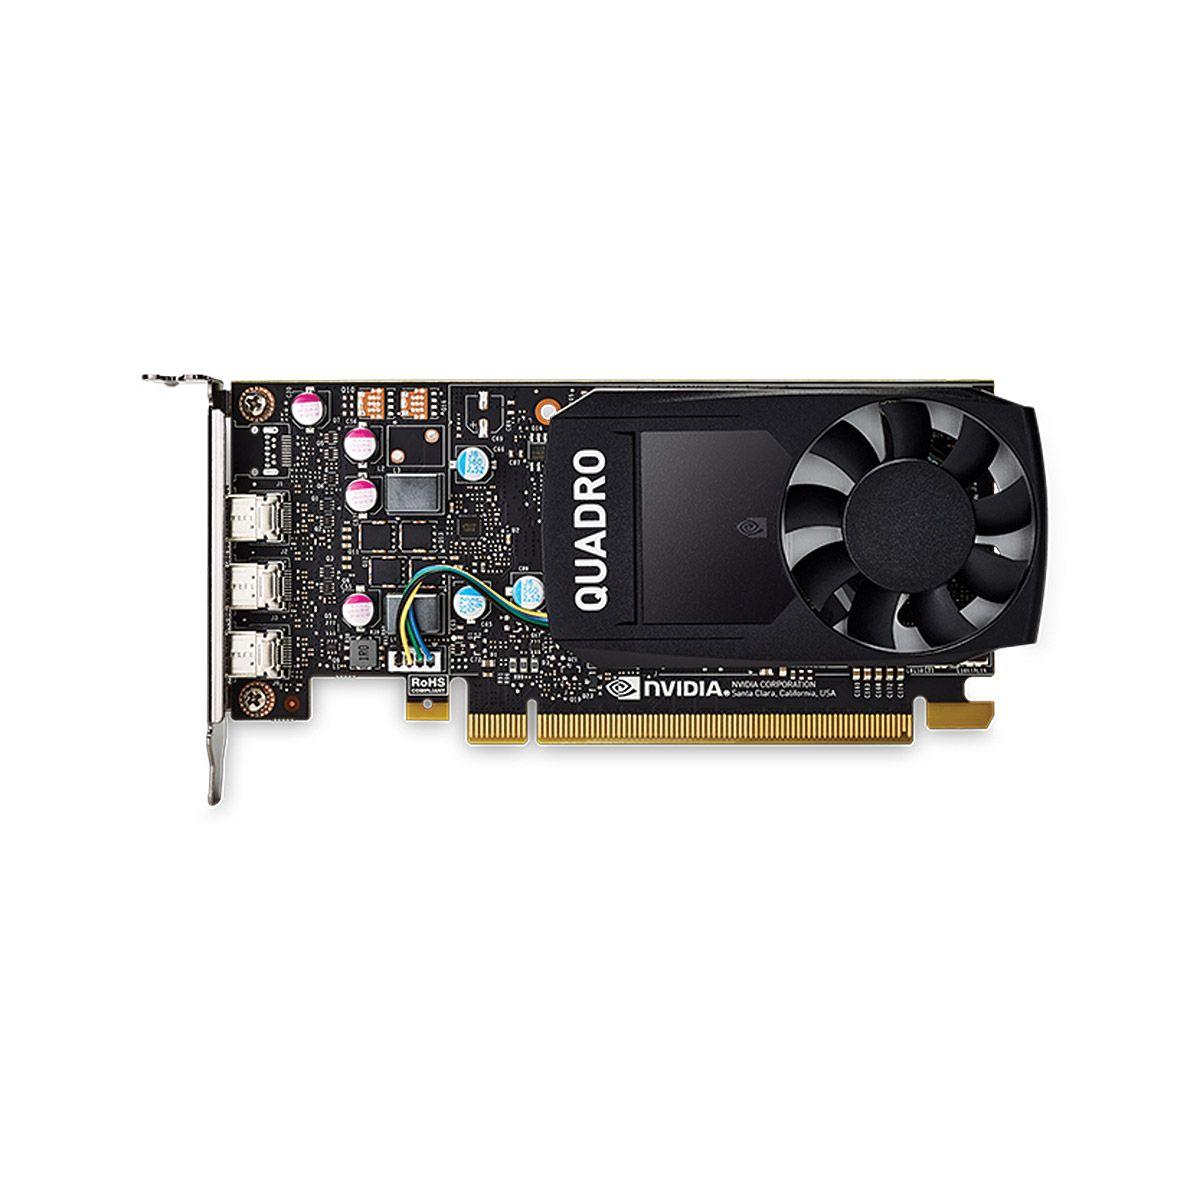 PLACA NVIDIA QUADRO P400 2GB GDDR5 64 BITS 3 MINI DISPLAY PORT VCQP400-PORPB - SUPORTA ATÉ 3 MONITORES/TV